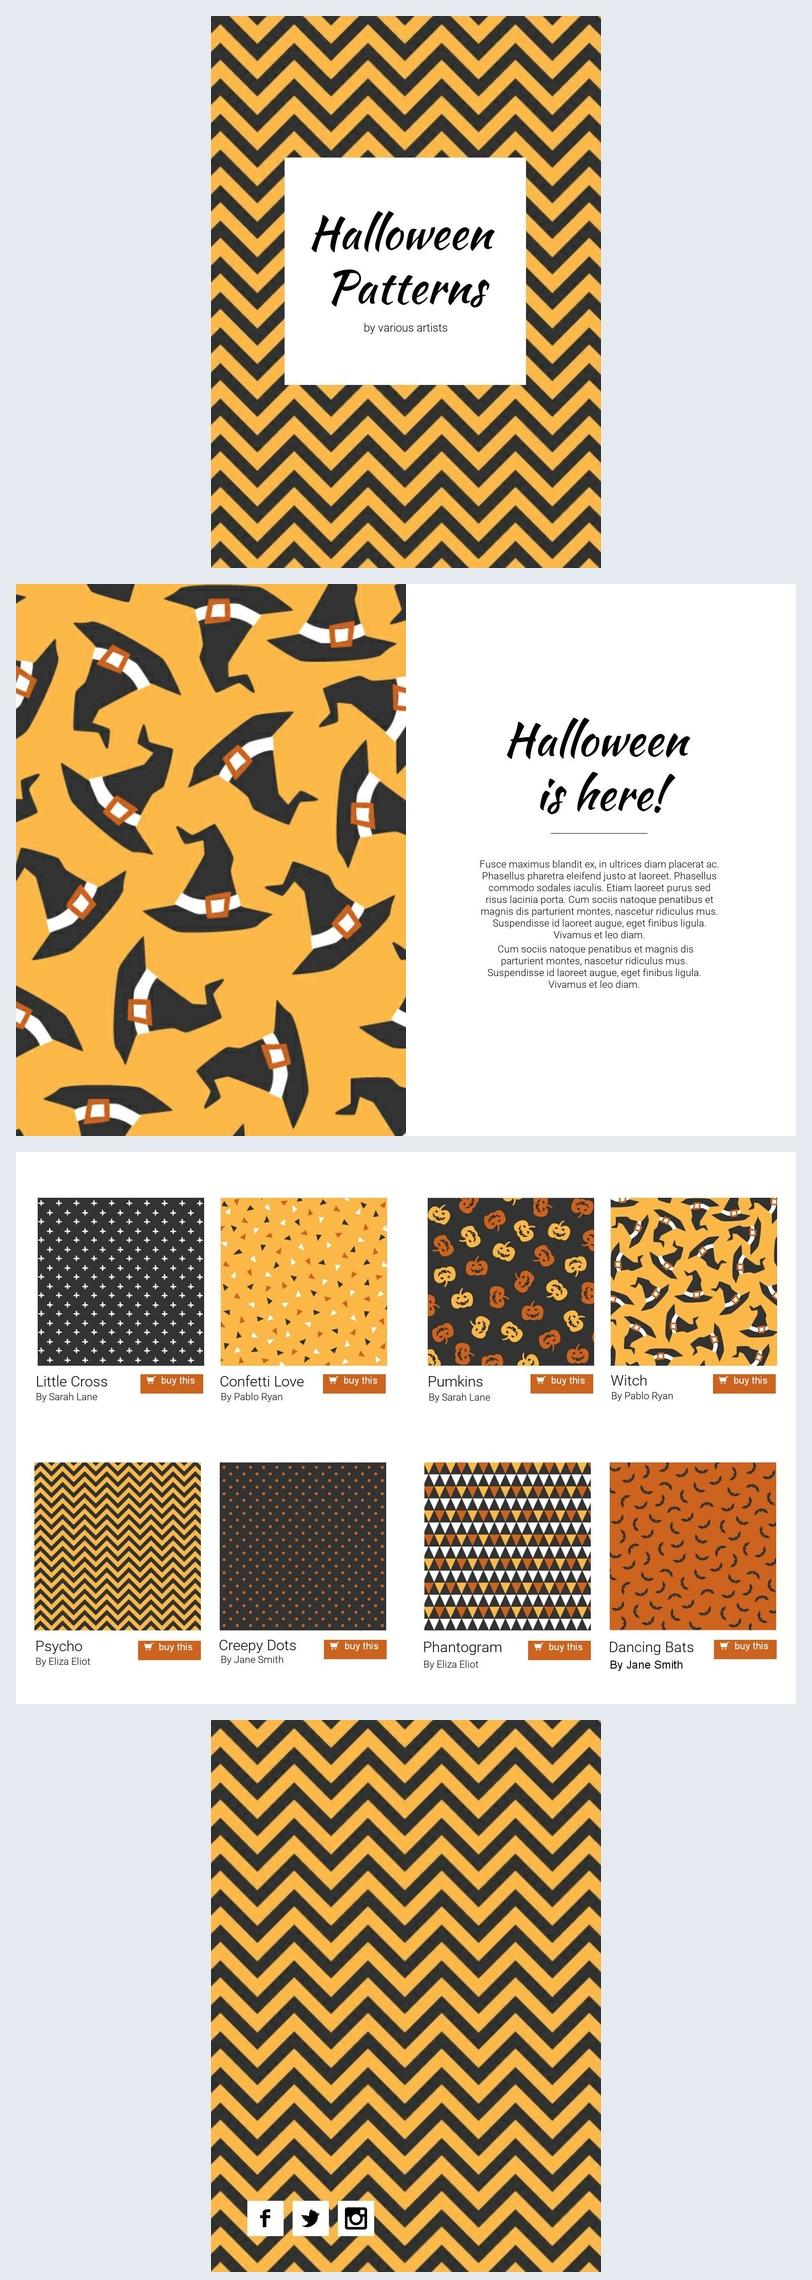 Halloween Patterns Magazine Design